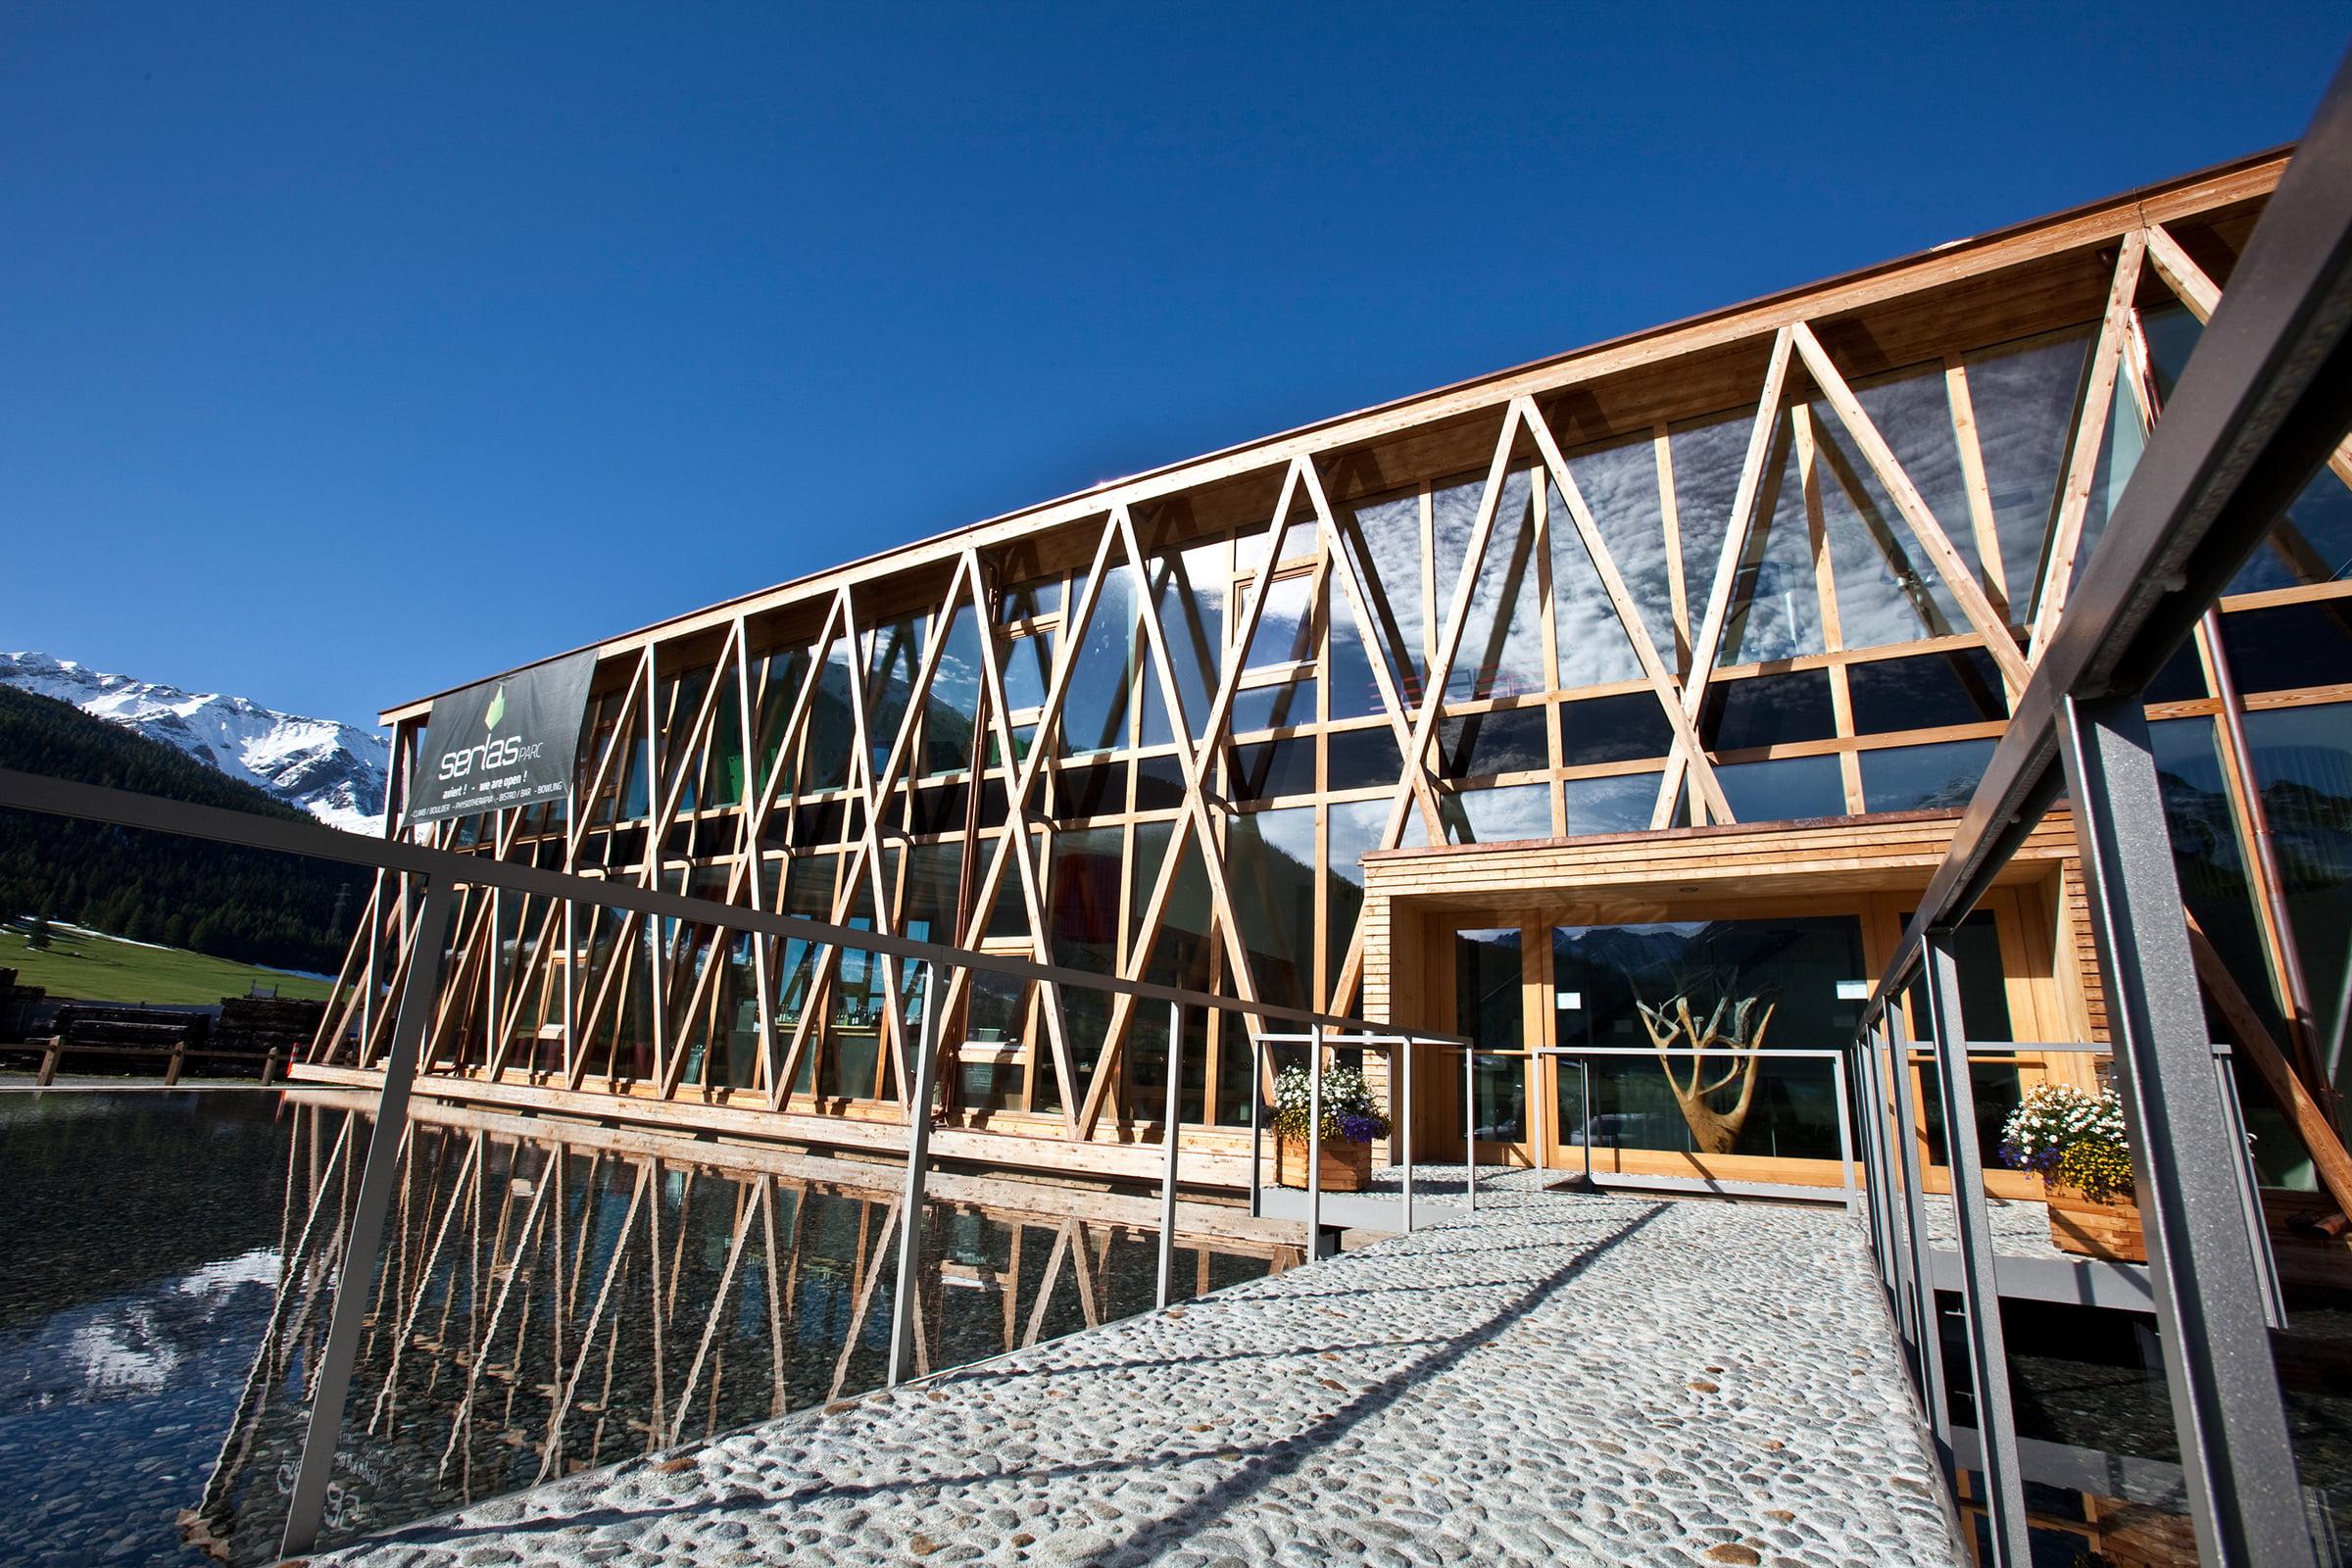 Kletter- und Boulderhalle